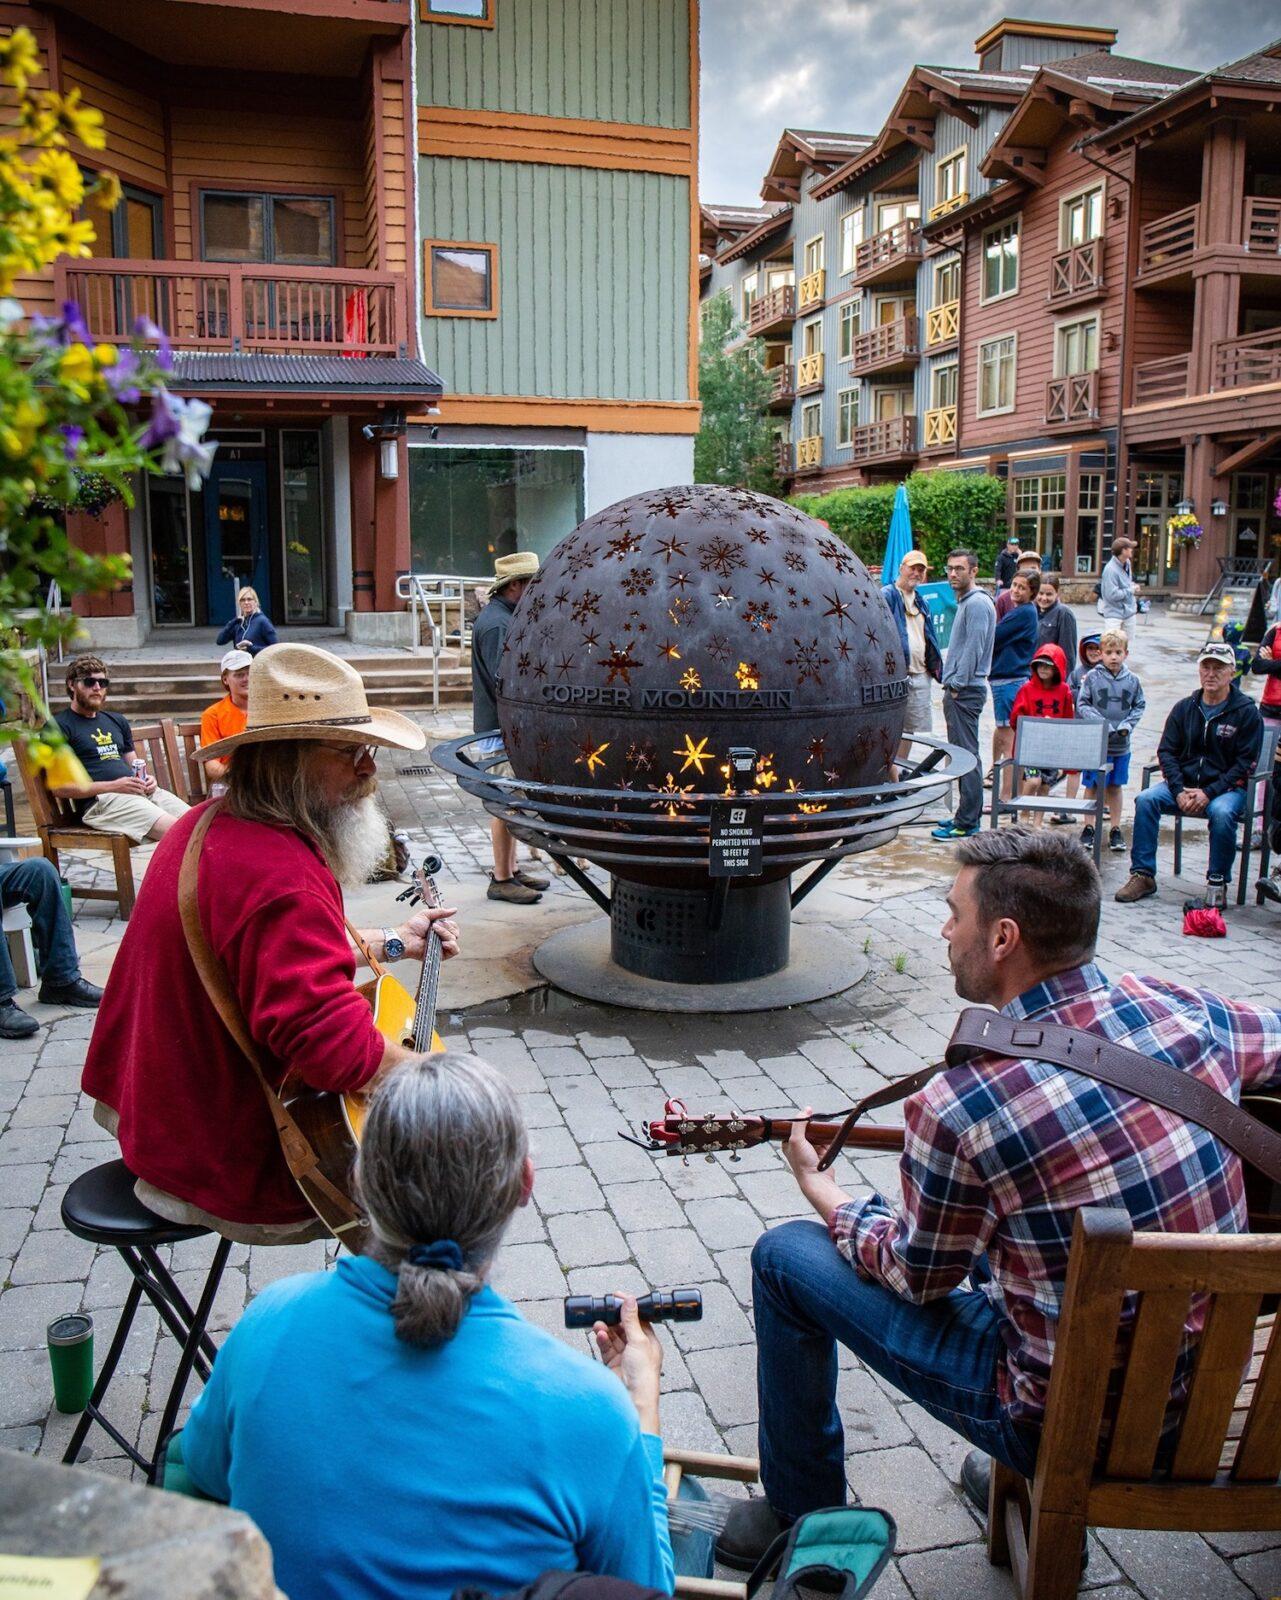 Gambar orang bermain gitar akustik di Copper Mountain, Colorado